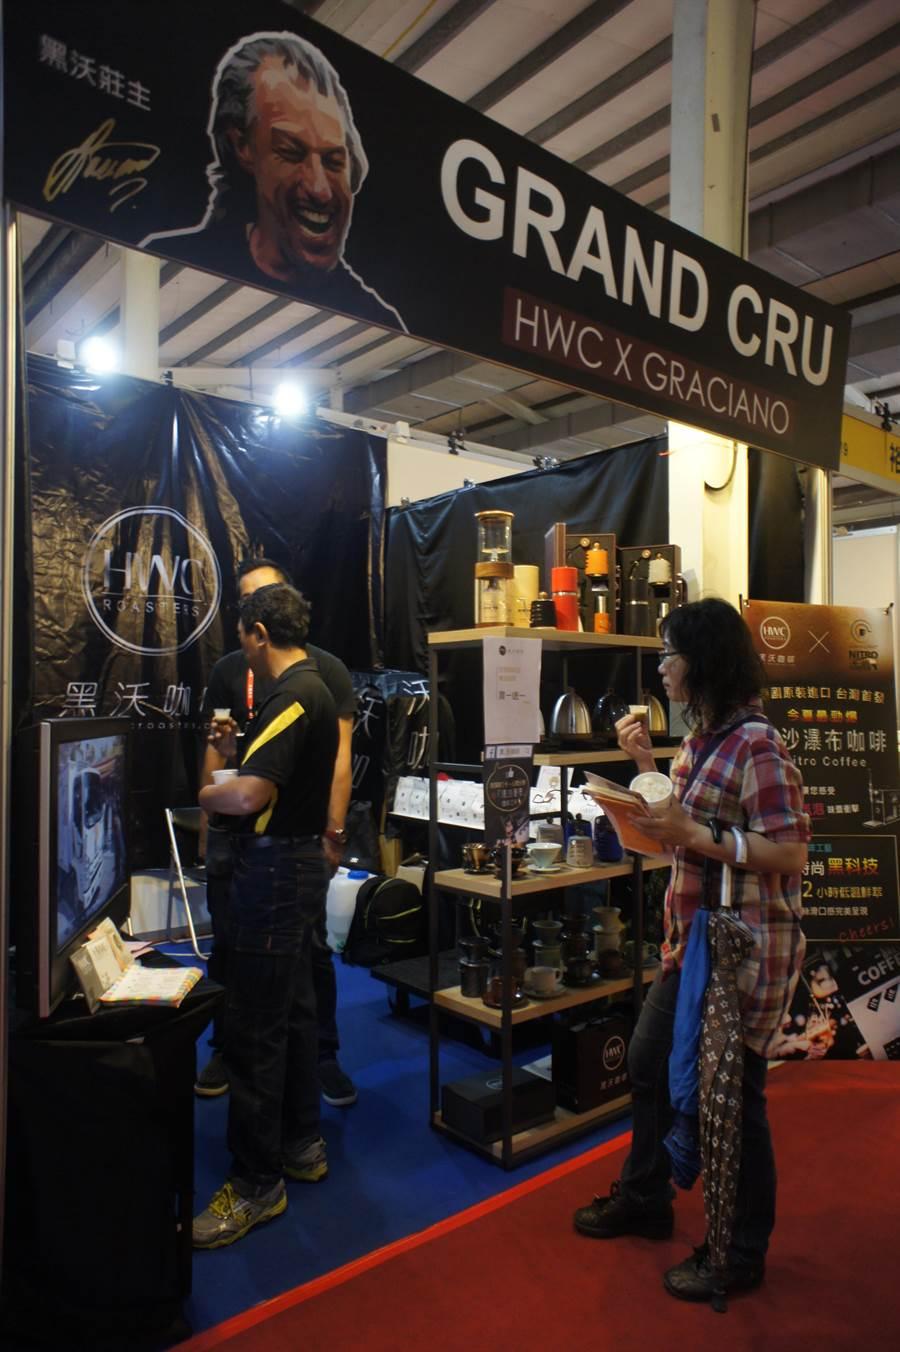 黑沃咖啡參與「2017台中茶酒咖啡展」,帶來上月才獲得世界冠軍的咖啡豆,打出買一送一促銷。(馮惠宜攝)